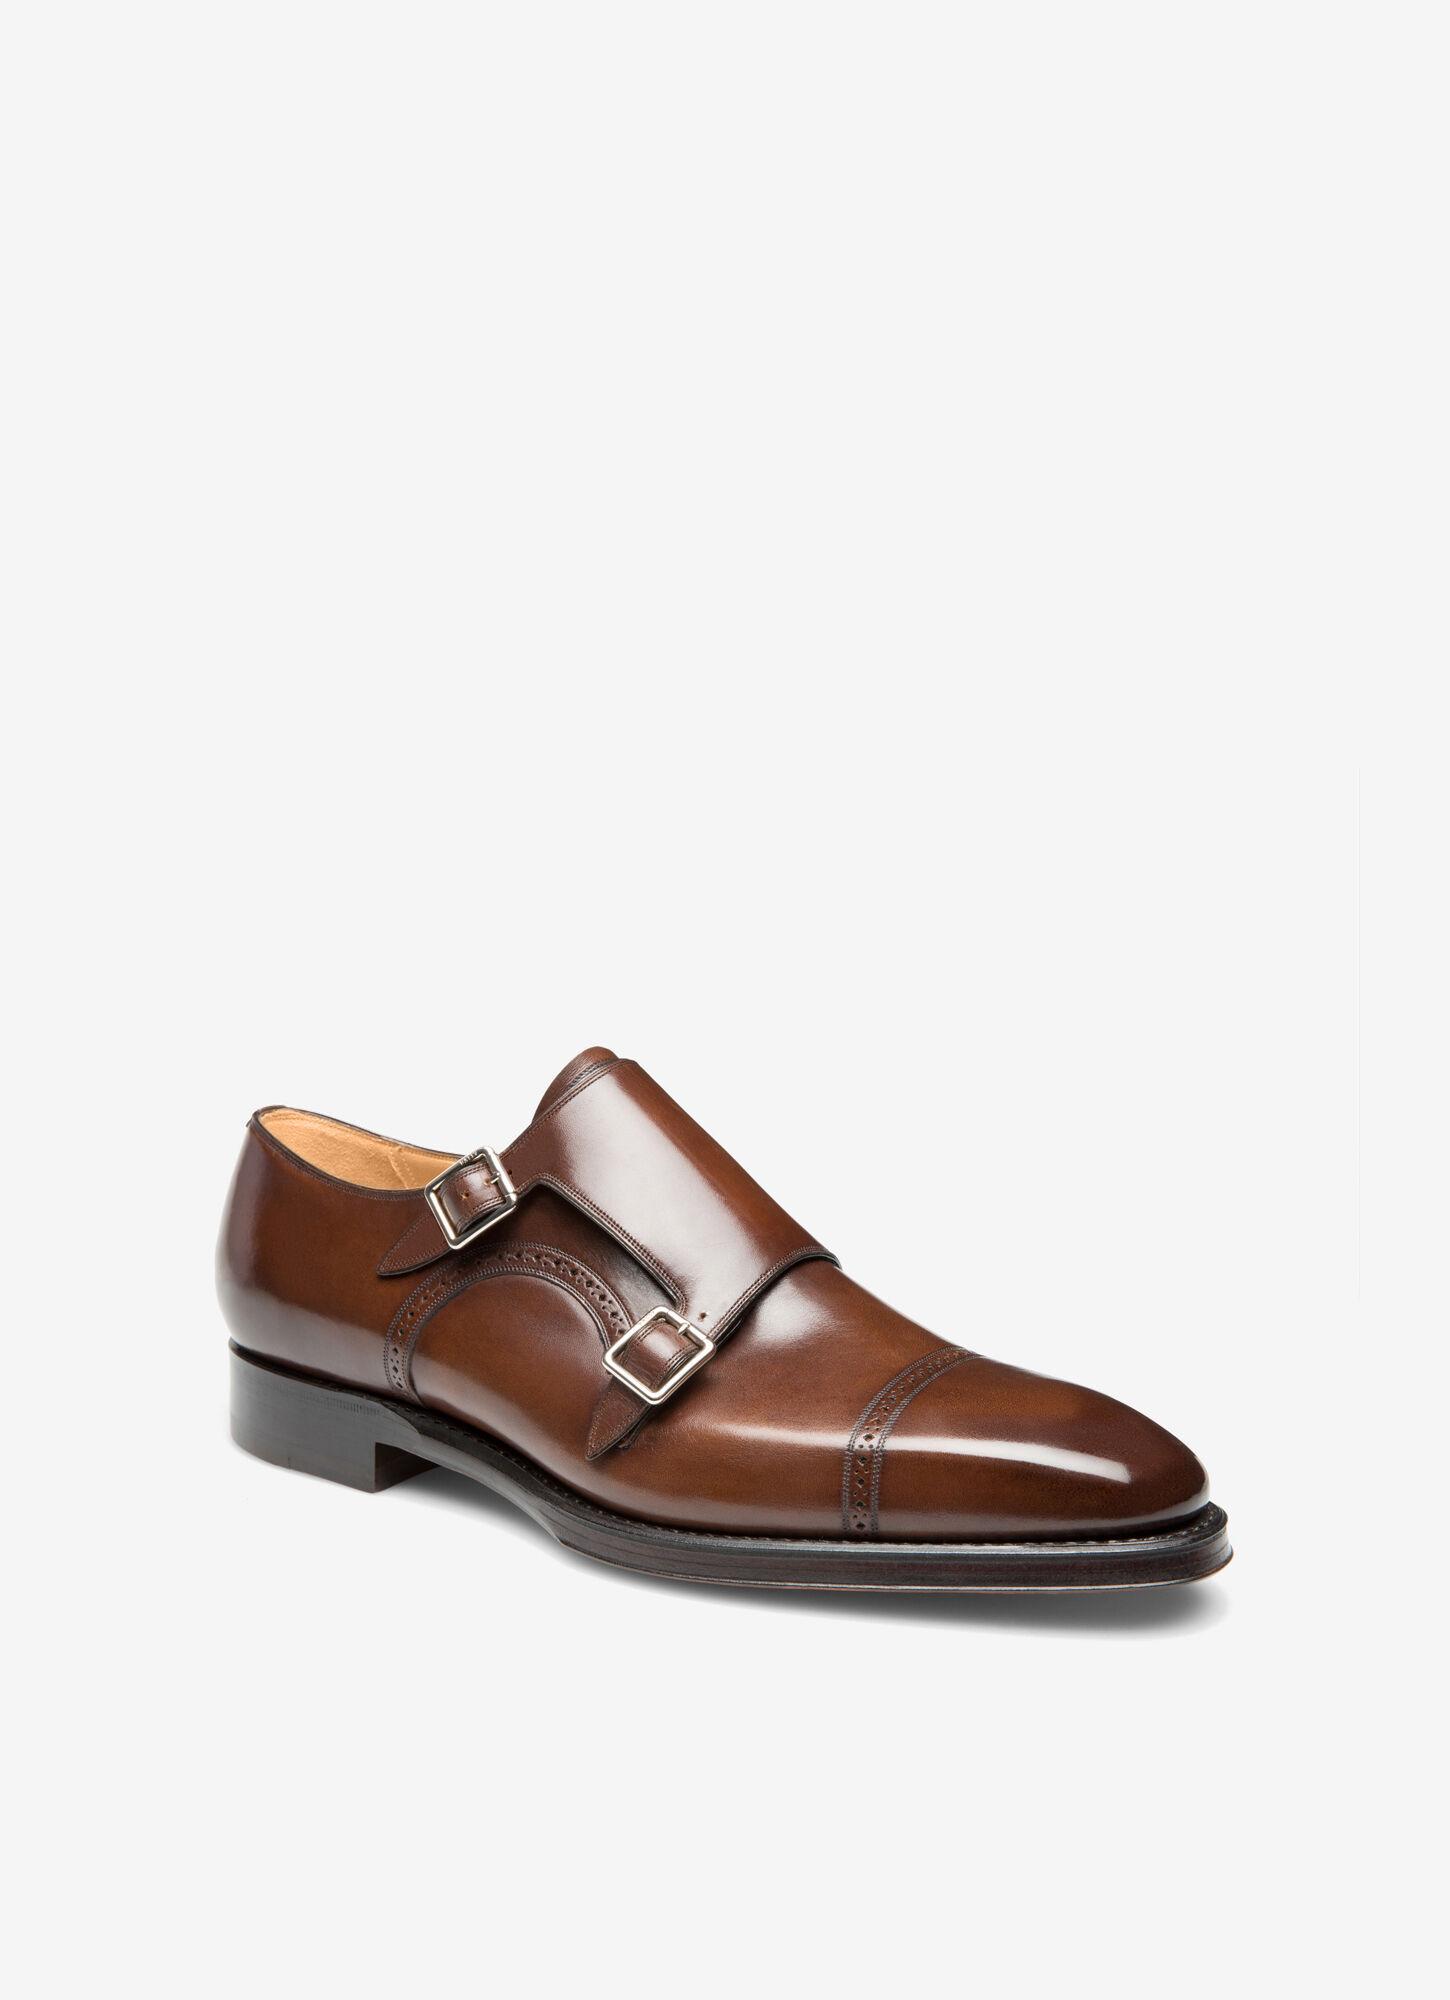 Zapatos de Bally. / Foto: Cortesía de la marca.